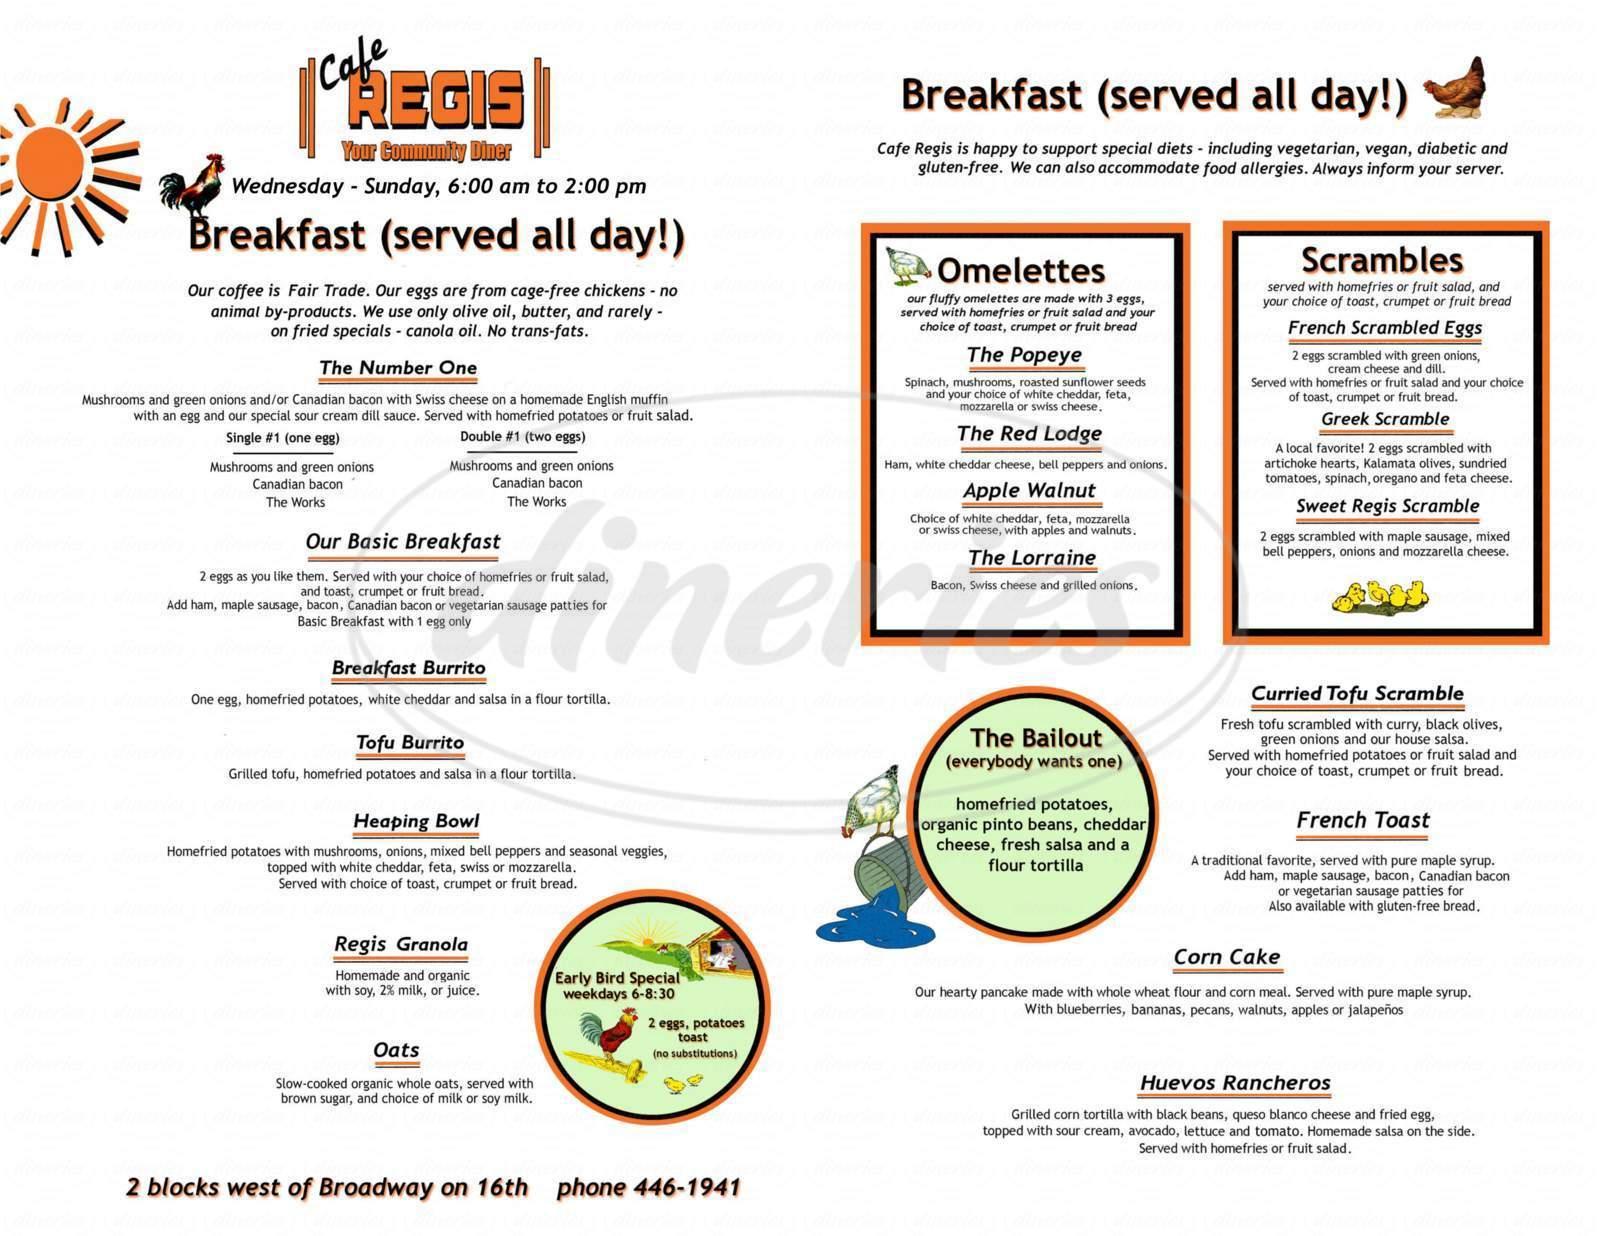 menu for Cafe Regis